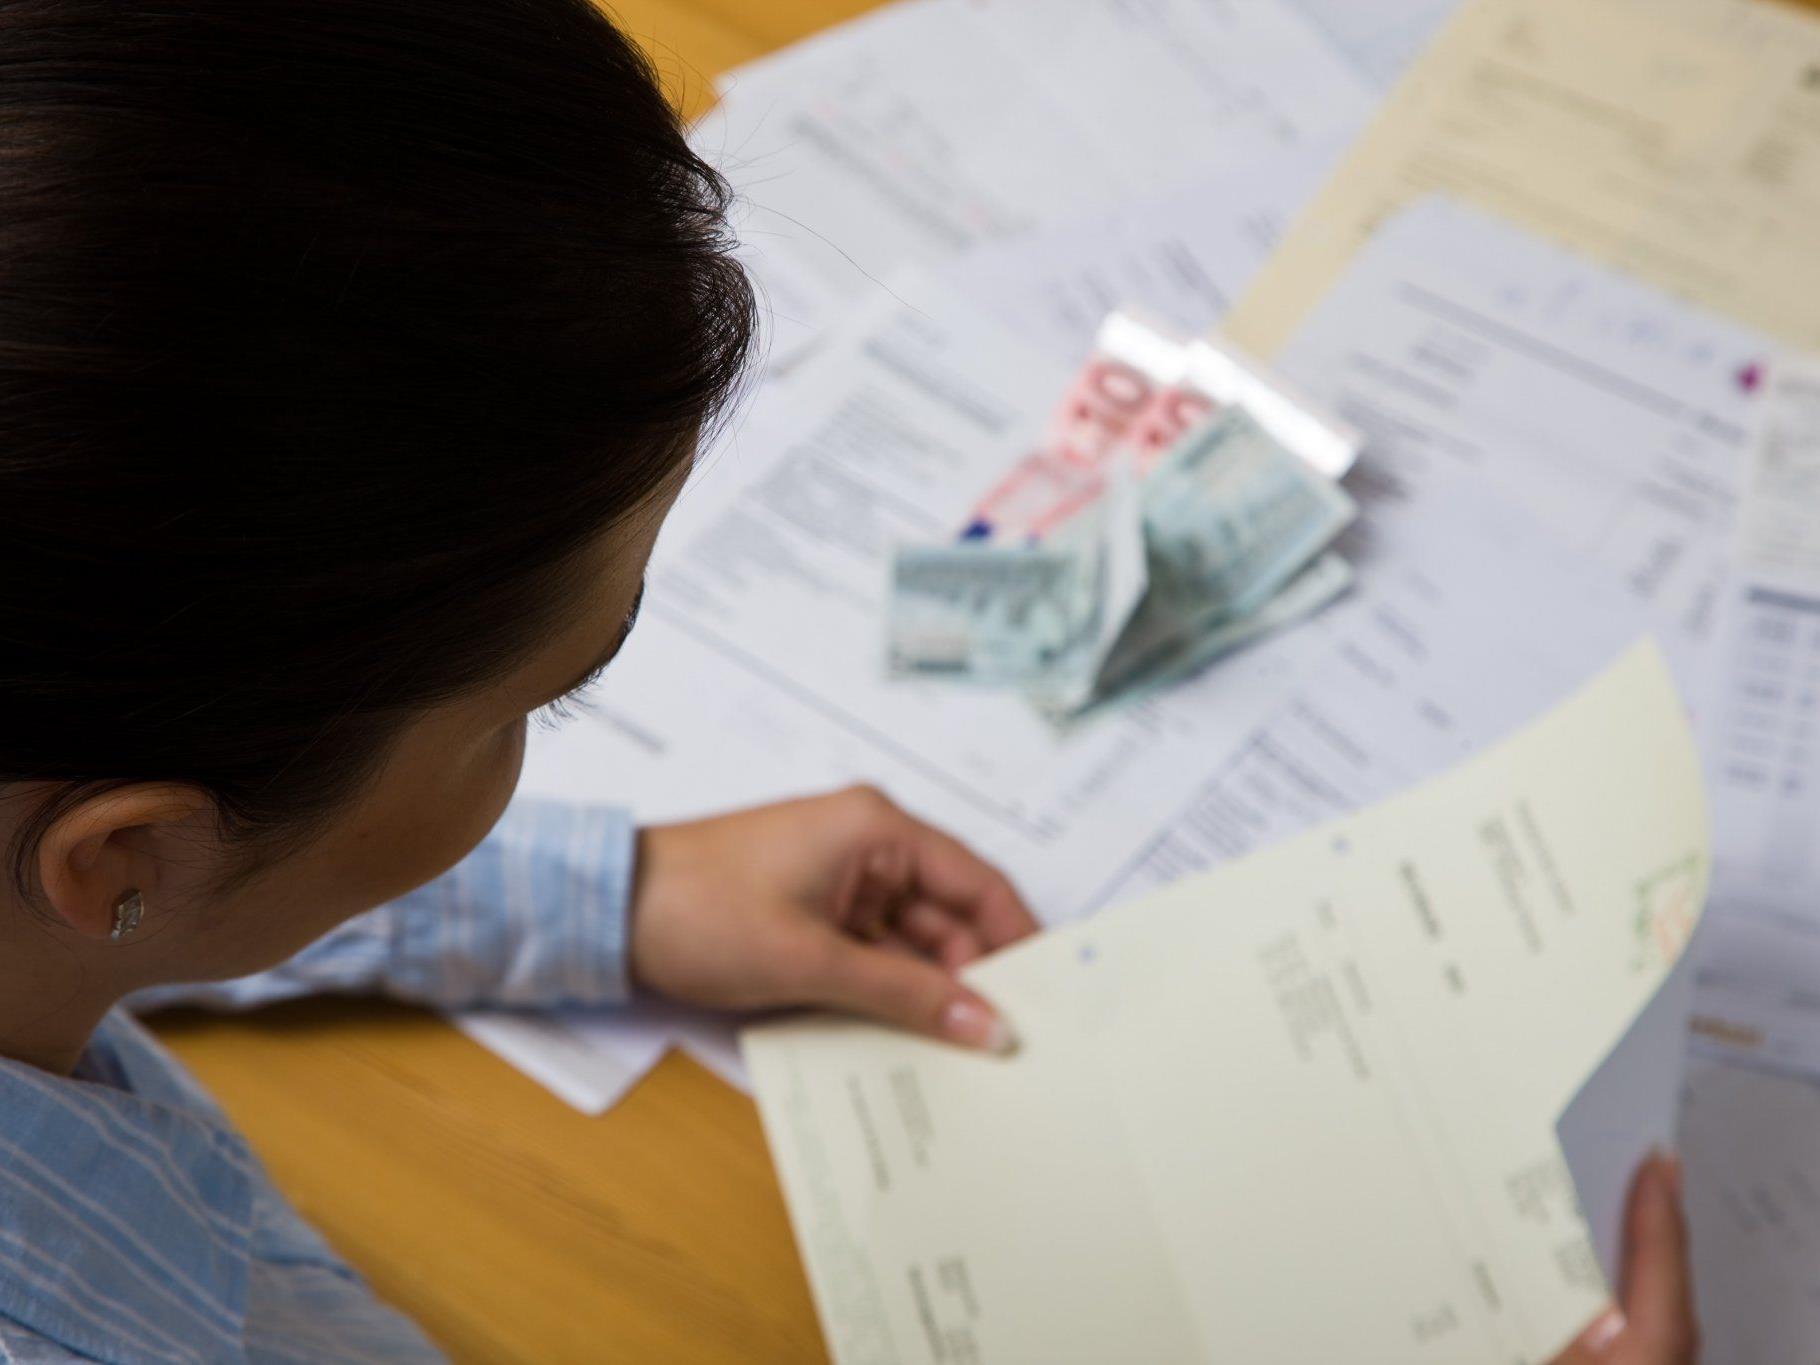 Der Weg in den Privatkonkurs sollte auf jeden Fall über seriöse Schuldnerberatung führen